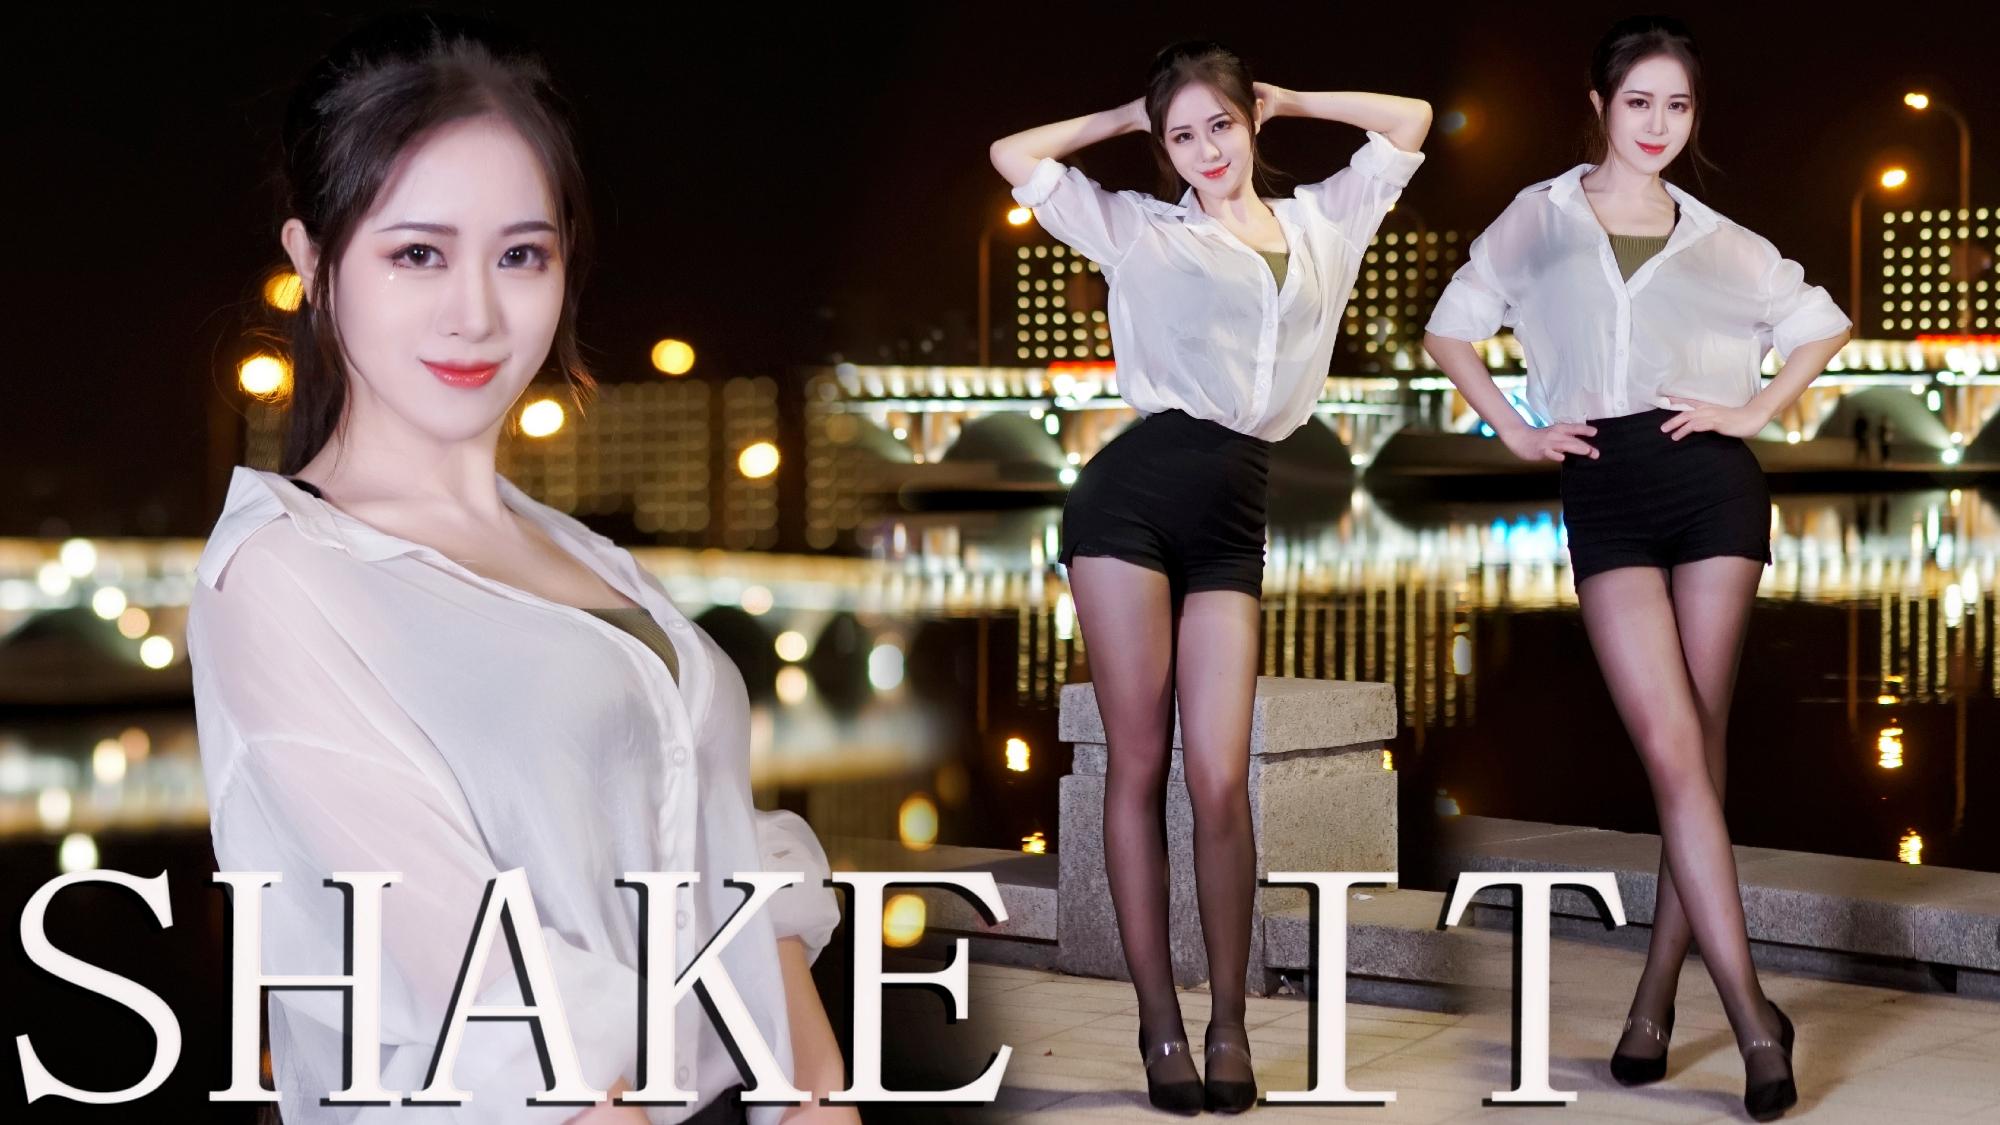 【郁漓】私 人 时 间♡♡穿上高跟鞋、蹦迪蹦迪SHAKE IT!!